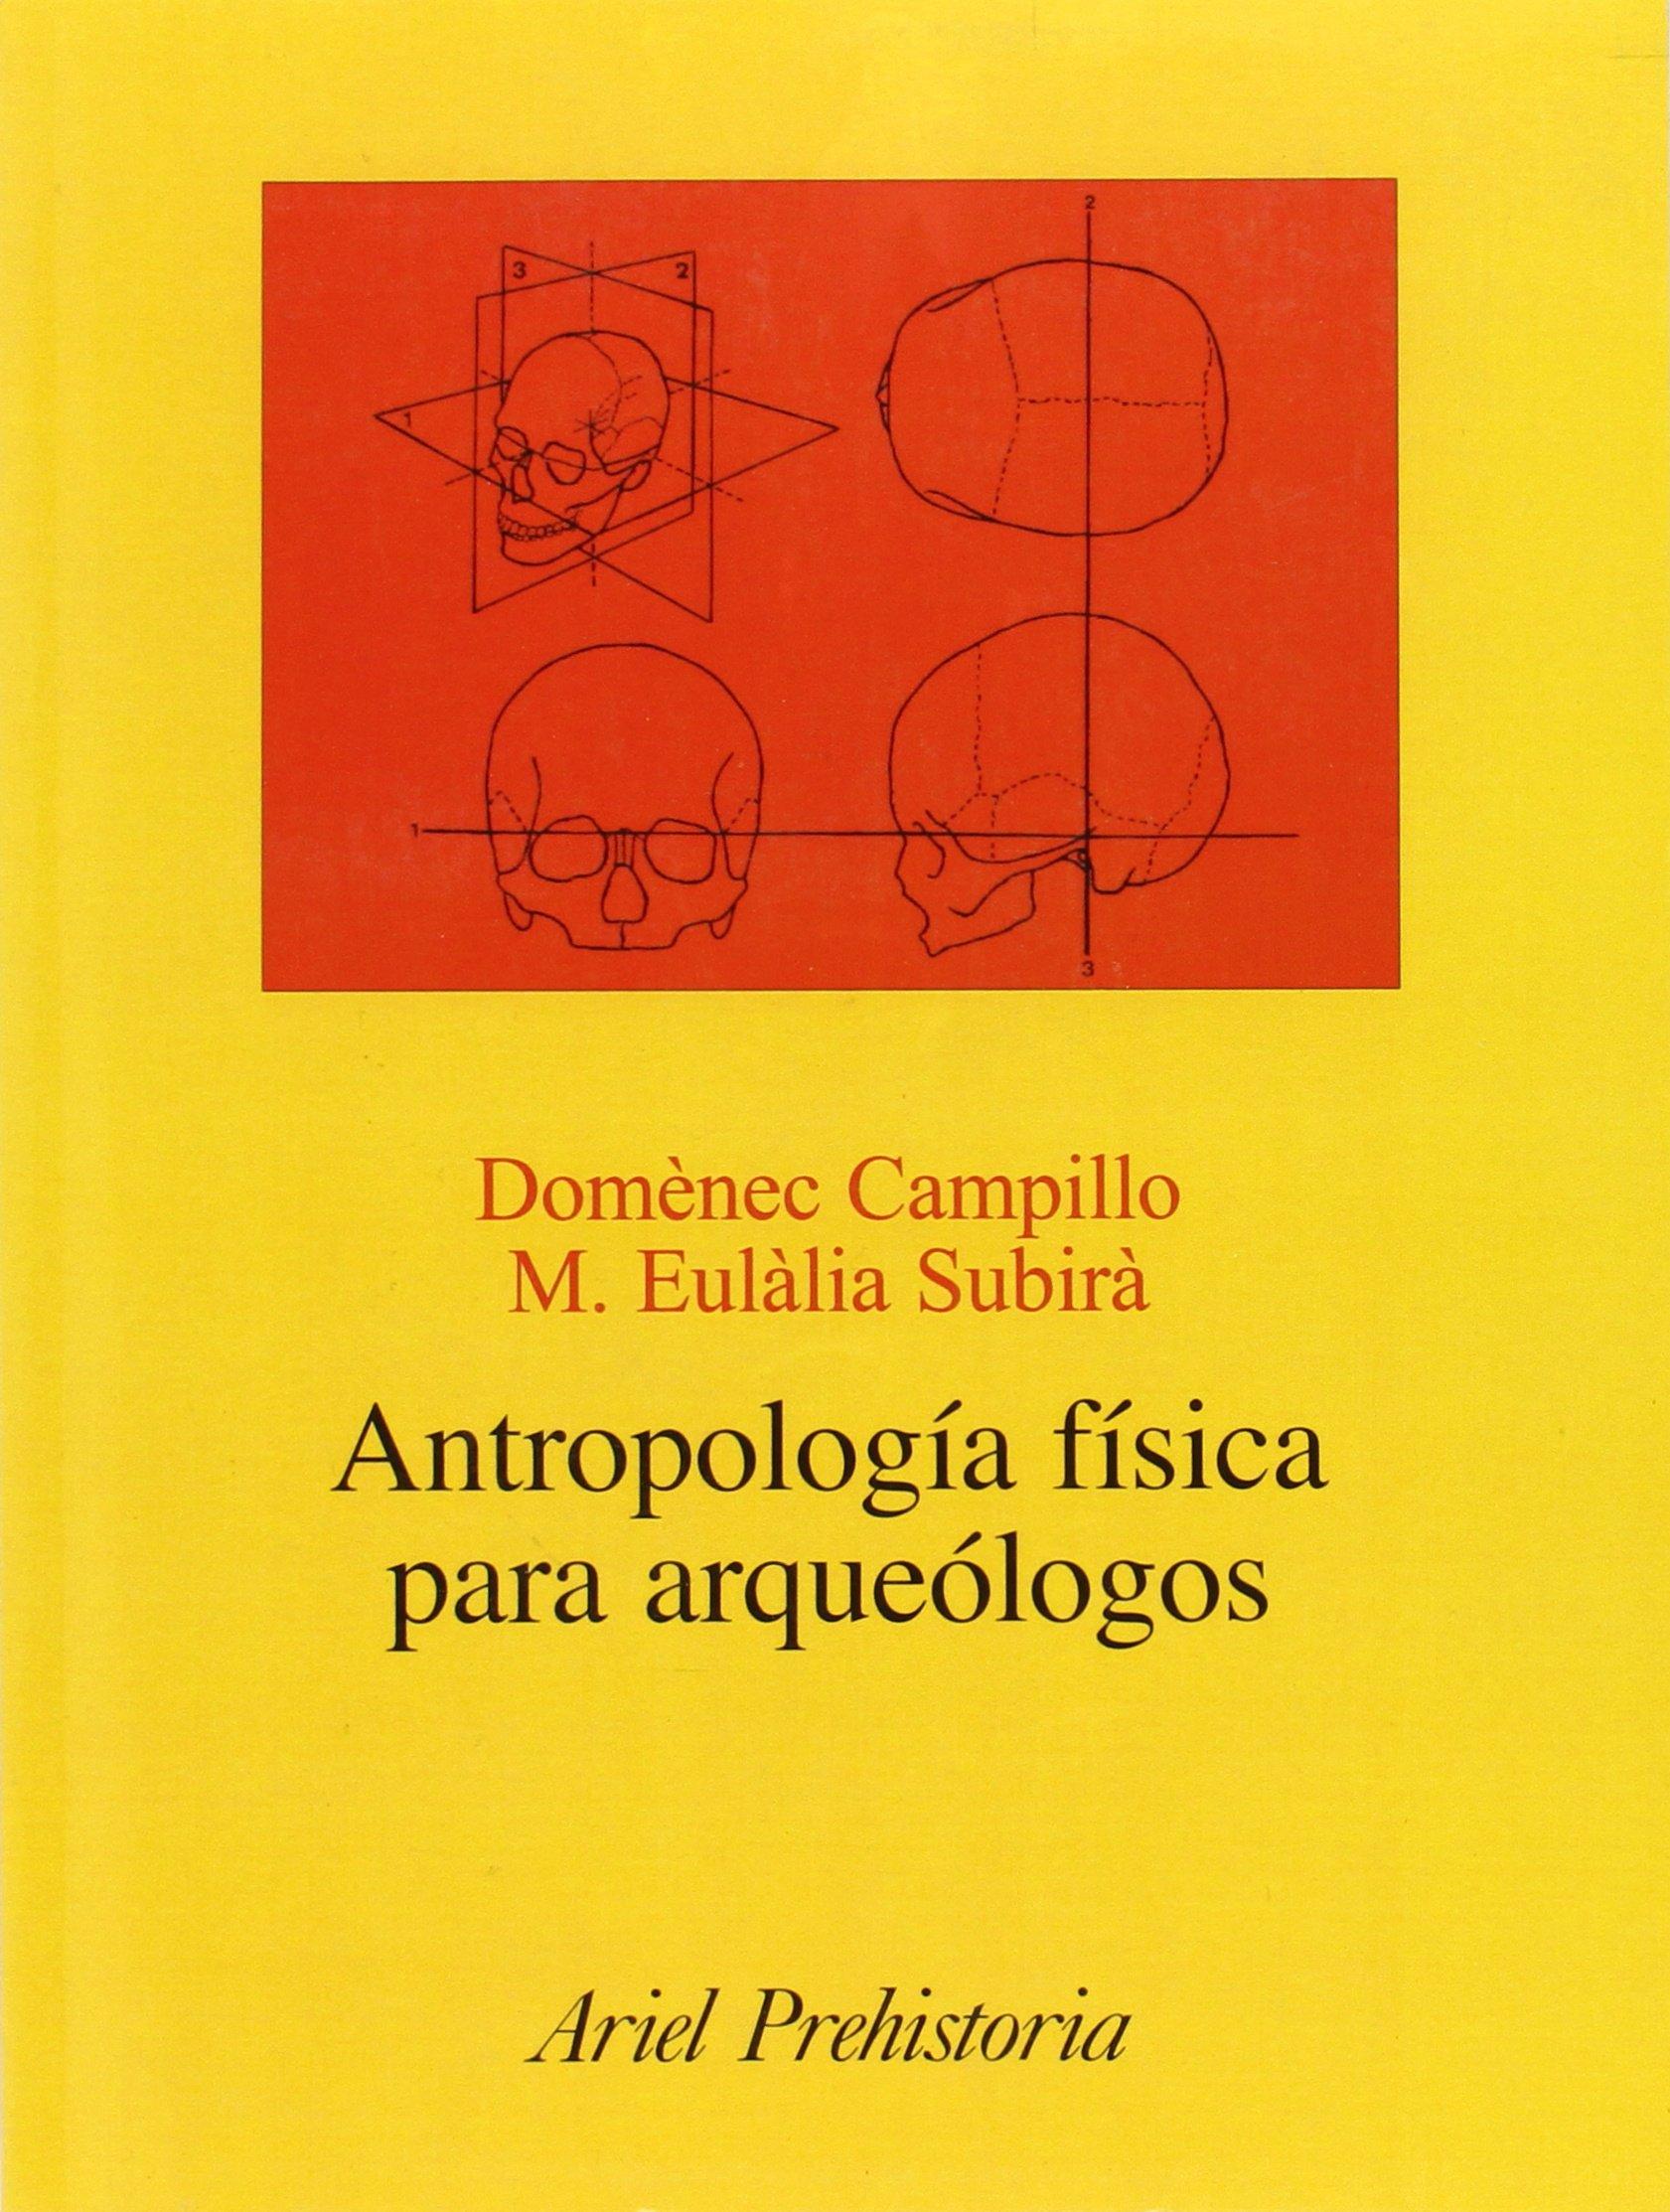 Antropología física para arqueólogos (Ariel Historia) Tapa blanda – 9 mar 2004 Domènec Campillo Valero Editorial Ariel 8434467119 History / General